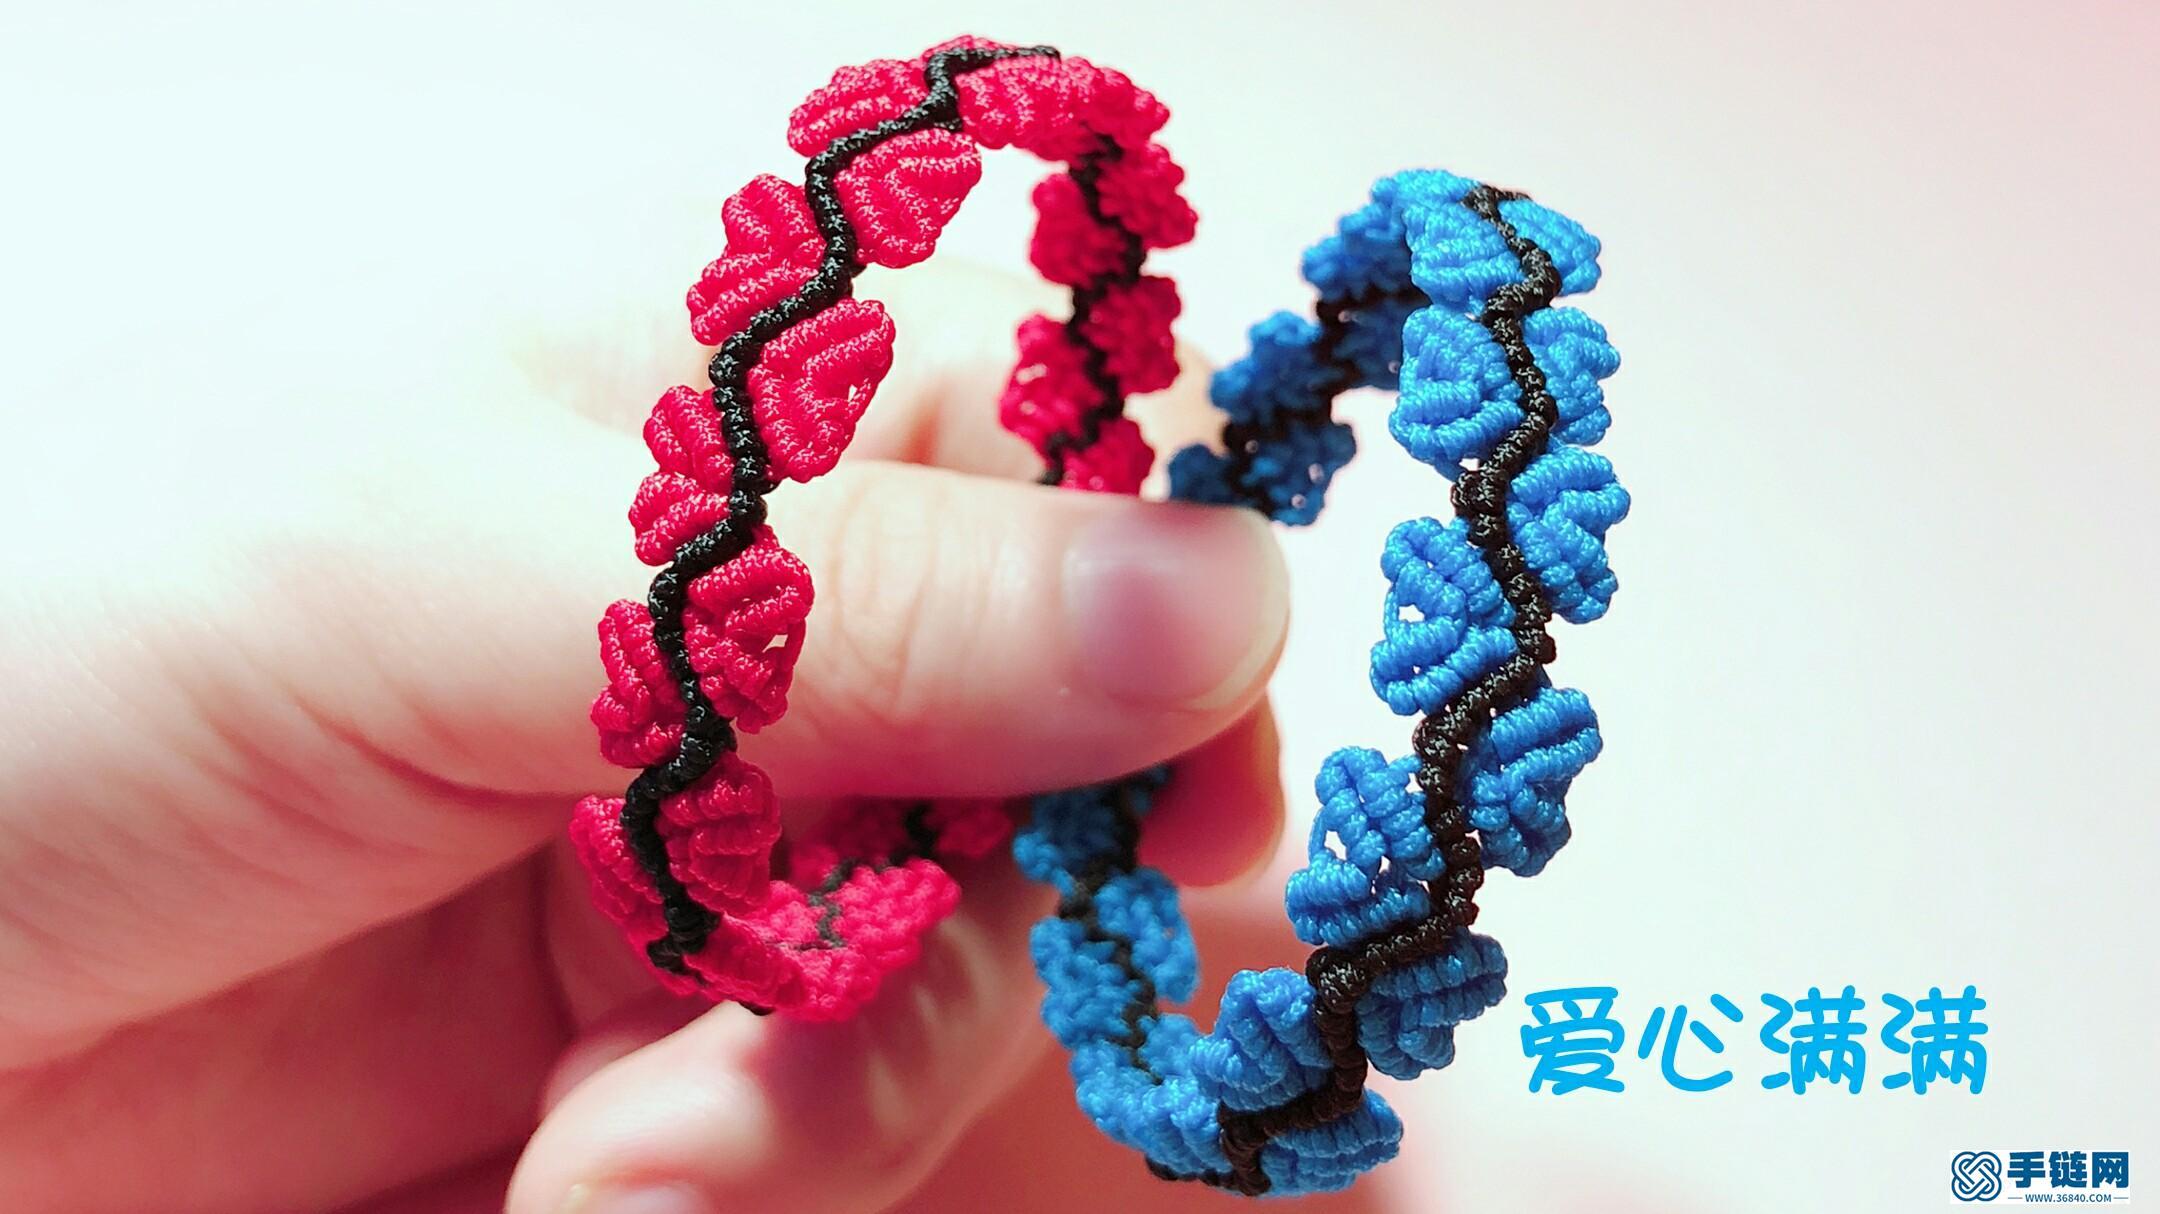 85 爱心满满情侣手绳 可编多种颜色